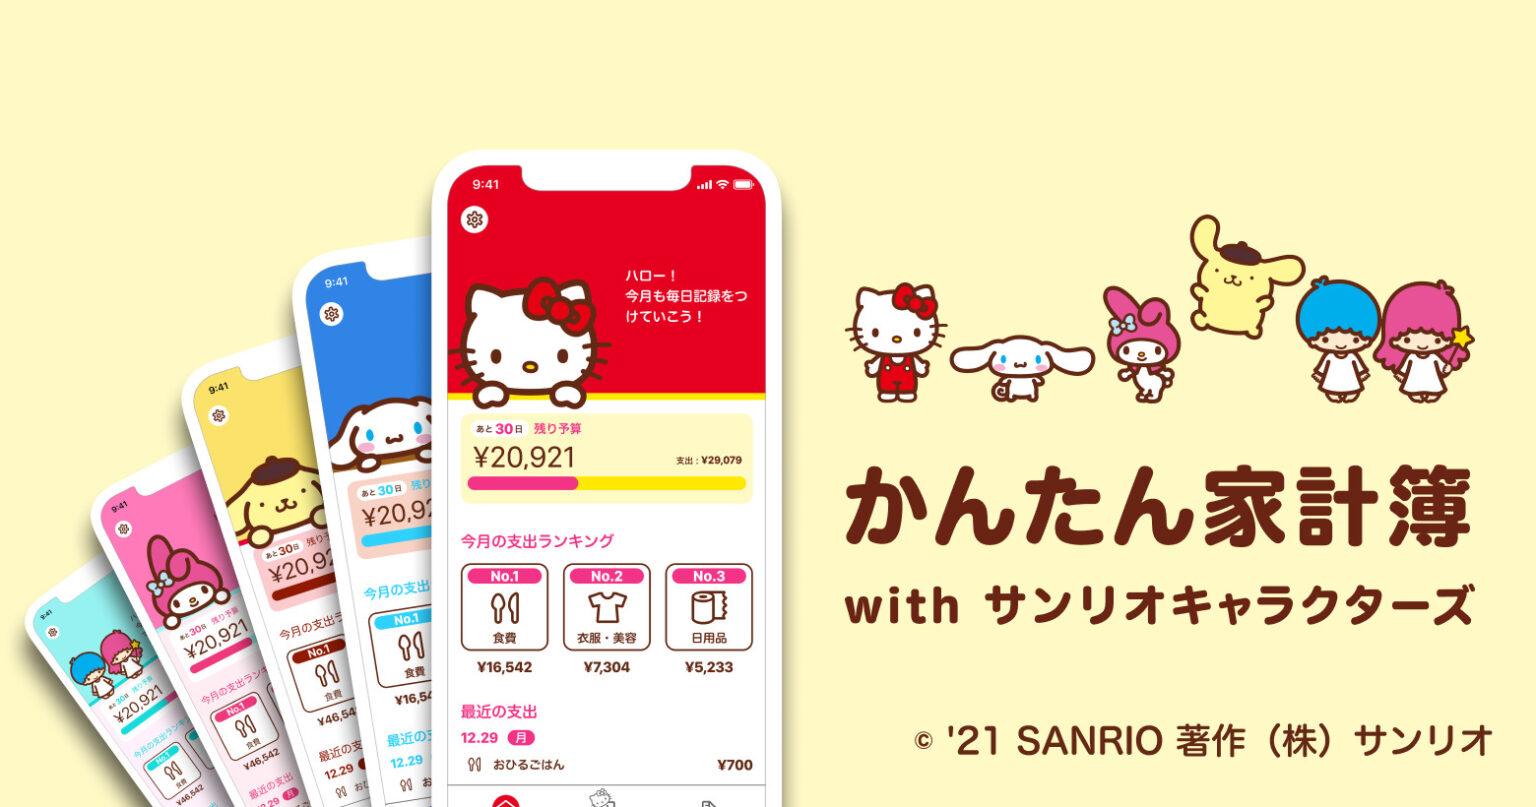 かんたん家計簿withサンリオキャラクターズ